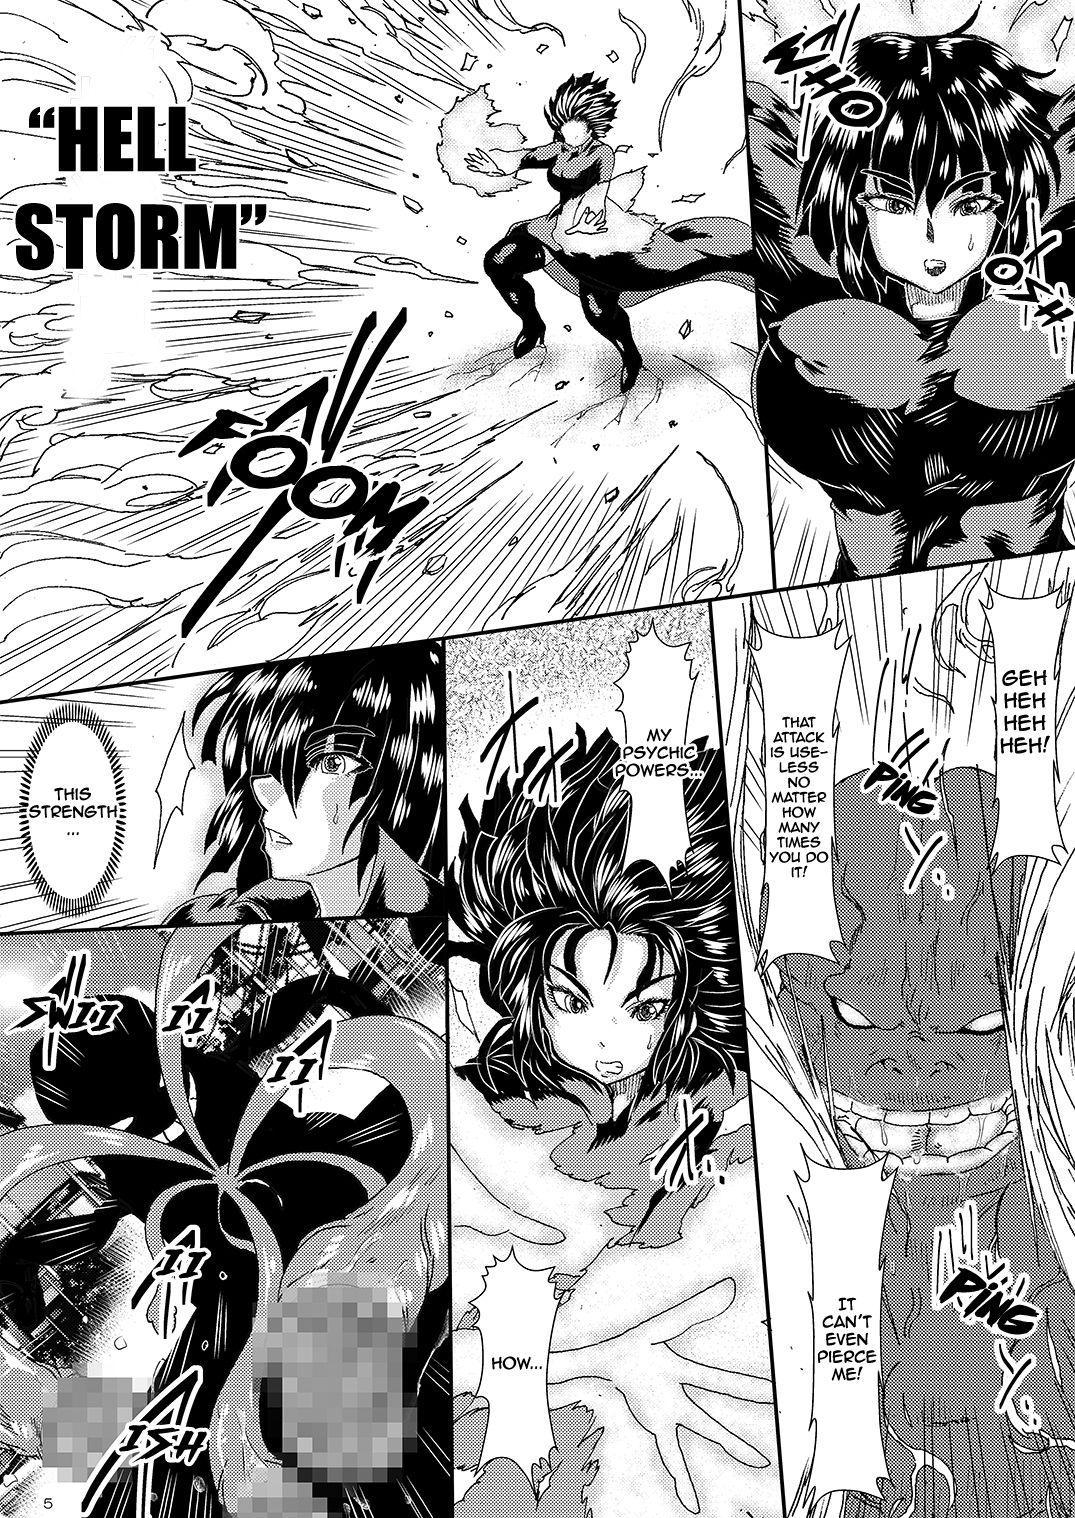 [Yuzuponz (Sakokichi)] IN RAN-WOMEN Kairaku ni Ochiru Shimai   Nympho-Women Sisters Falling into Ecstasy (One Punch Man) [English] [Jashinslayer] [Digital] 3